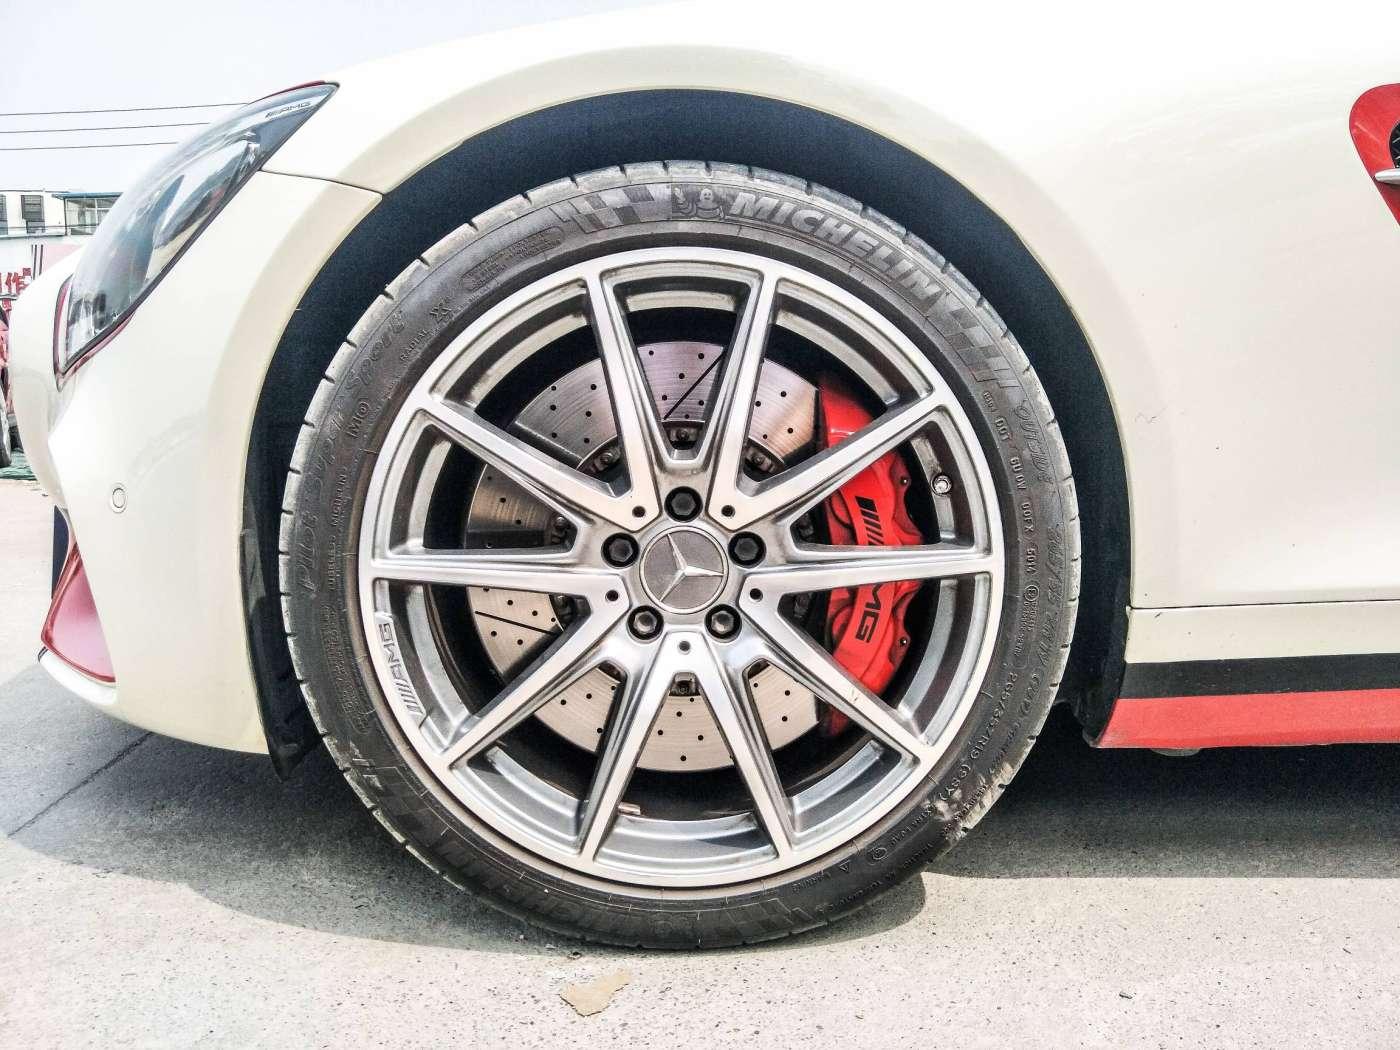 2016年01月 奔驰 2015款 AMG GT AMG GT S 甄选奔驰-北京卡斯基汽车服务有限公司